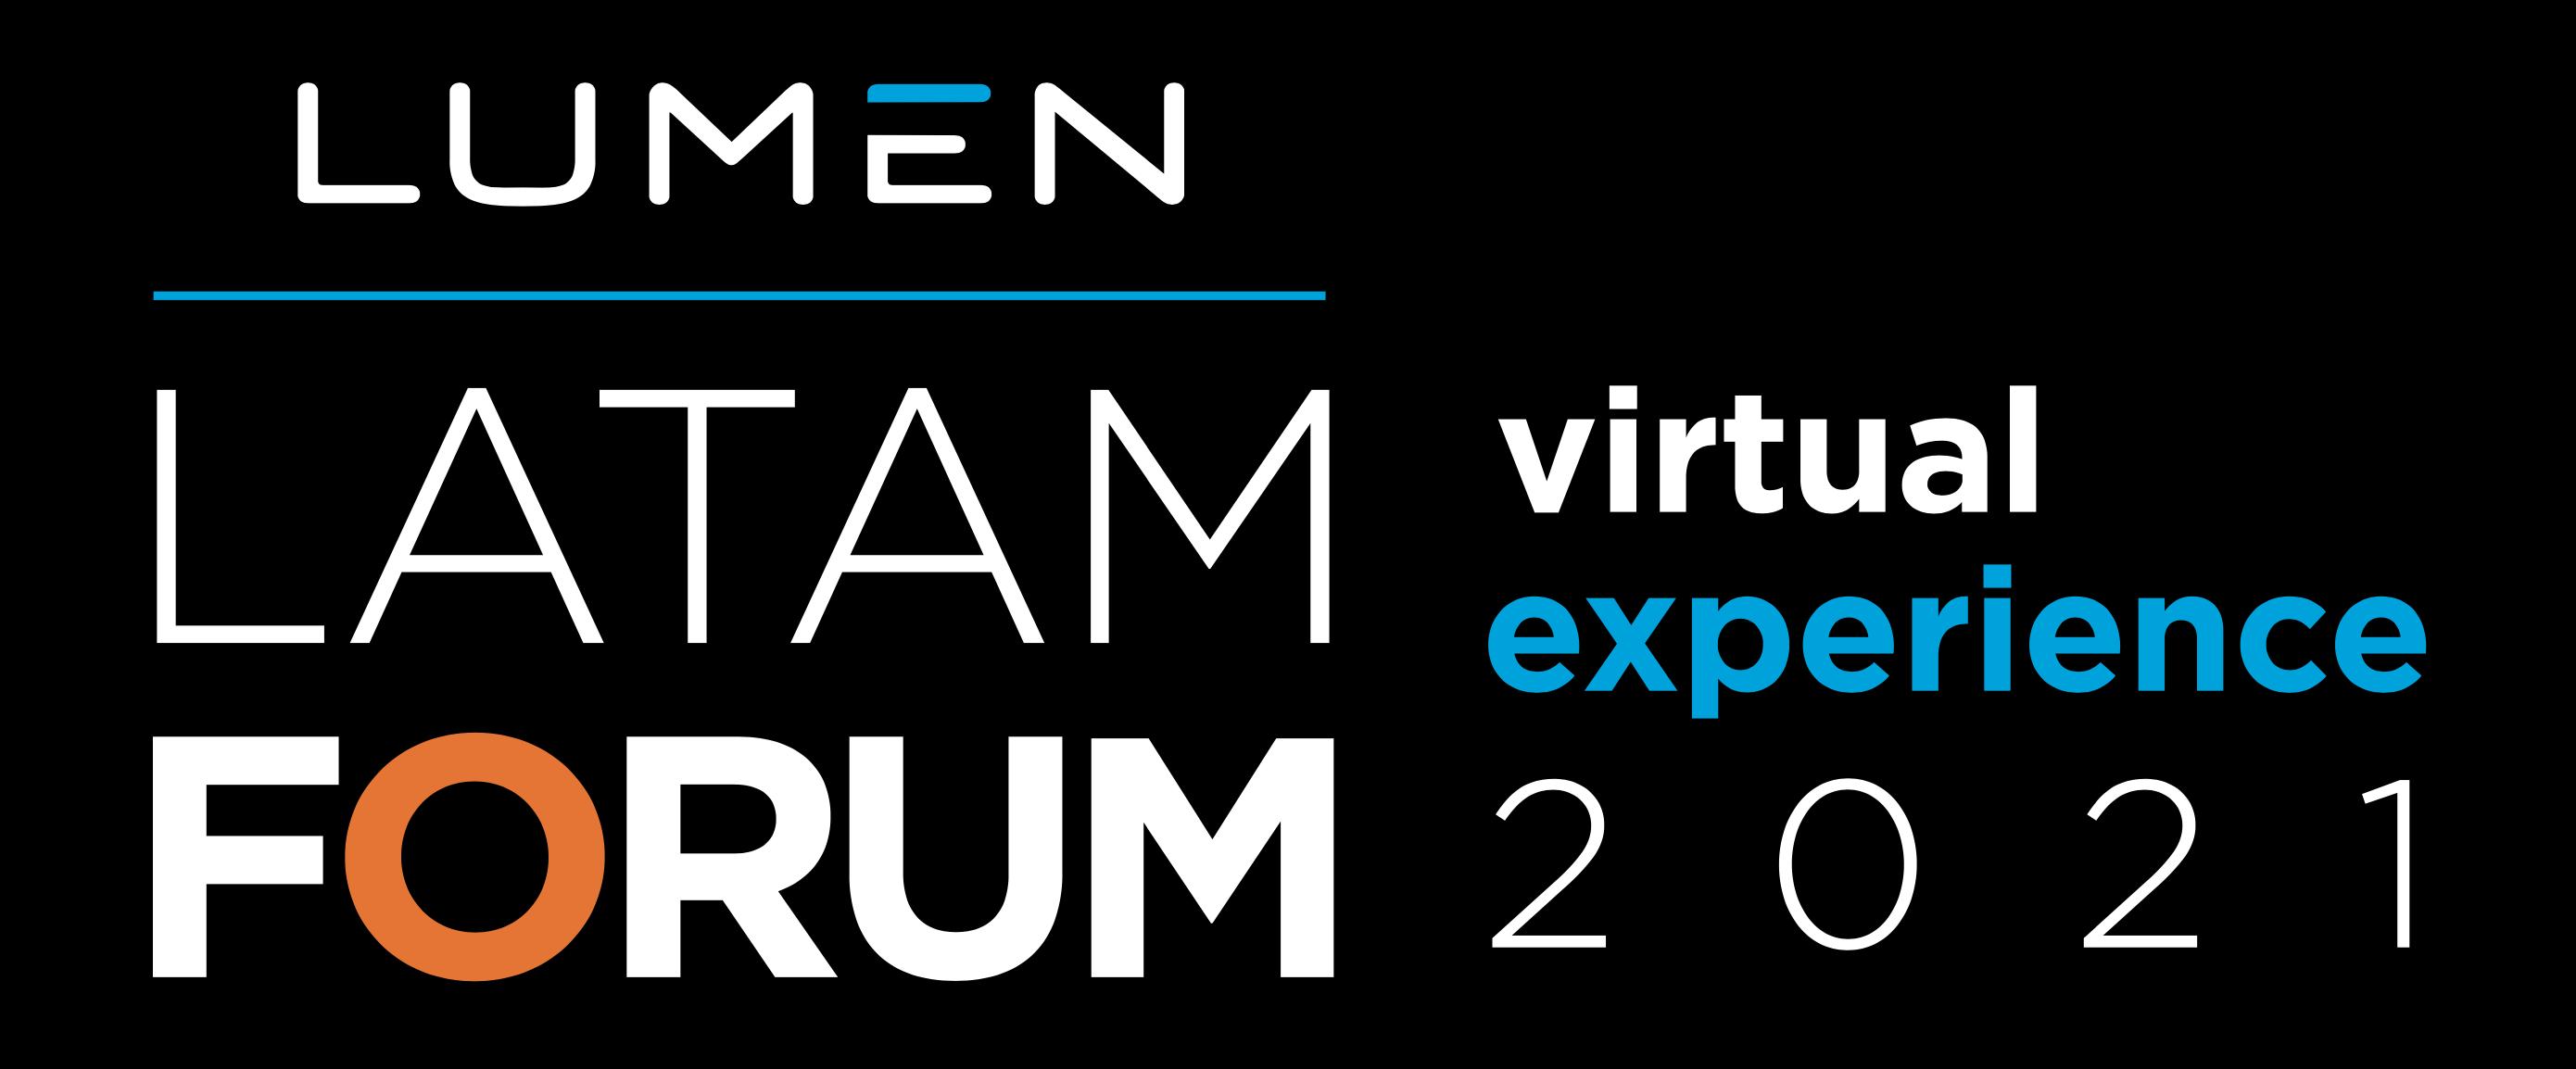 Lumen Forum América Latina